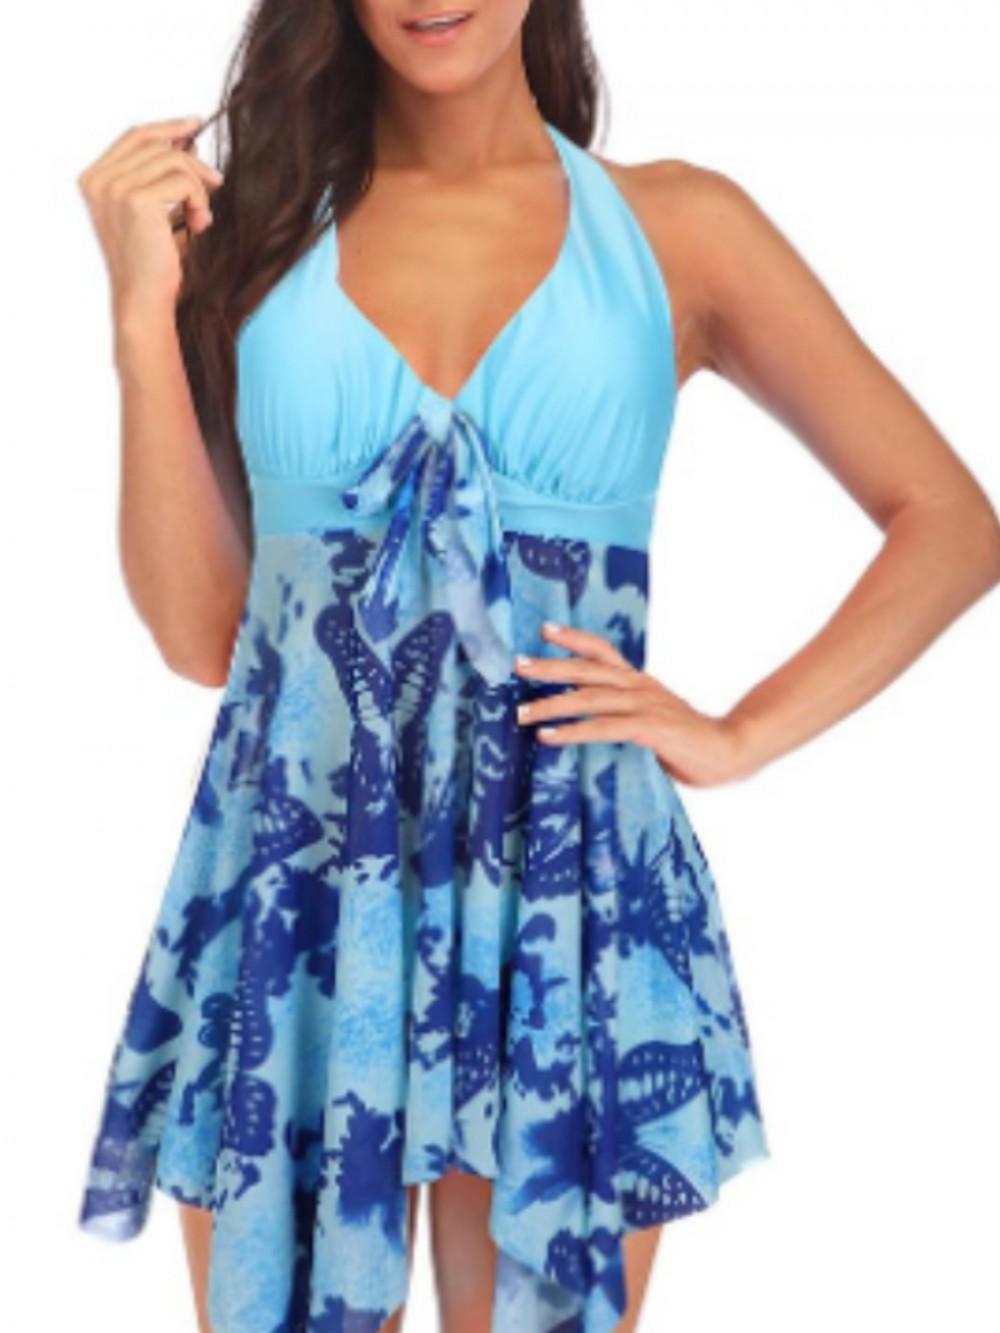 Blue Two Piece Swimsuit High Waist Colorblock Irregular Hem